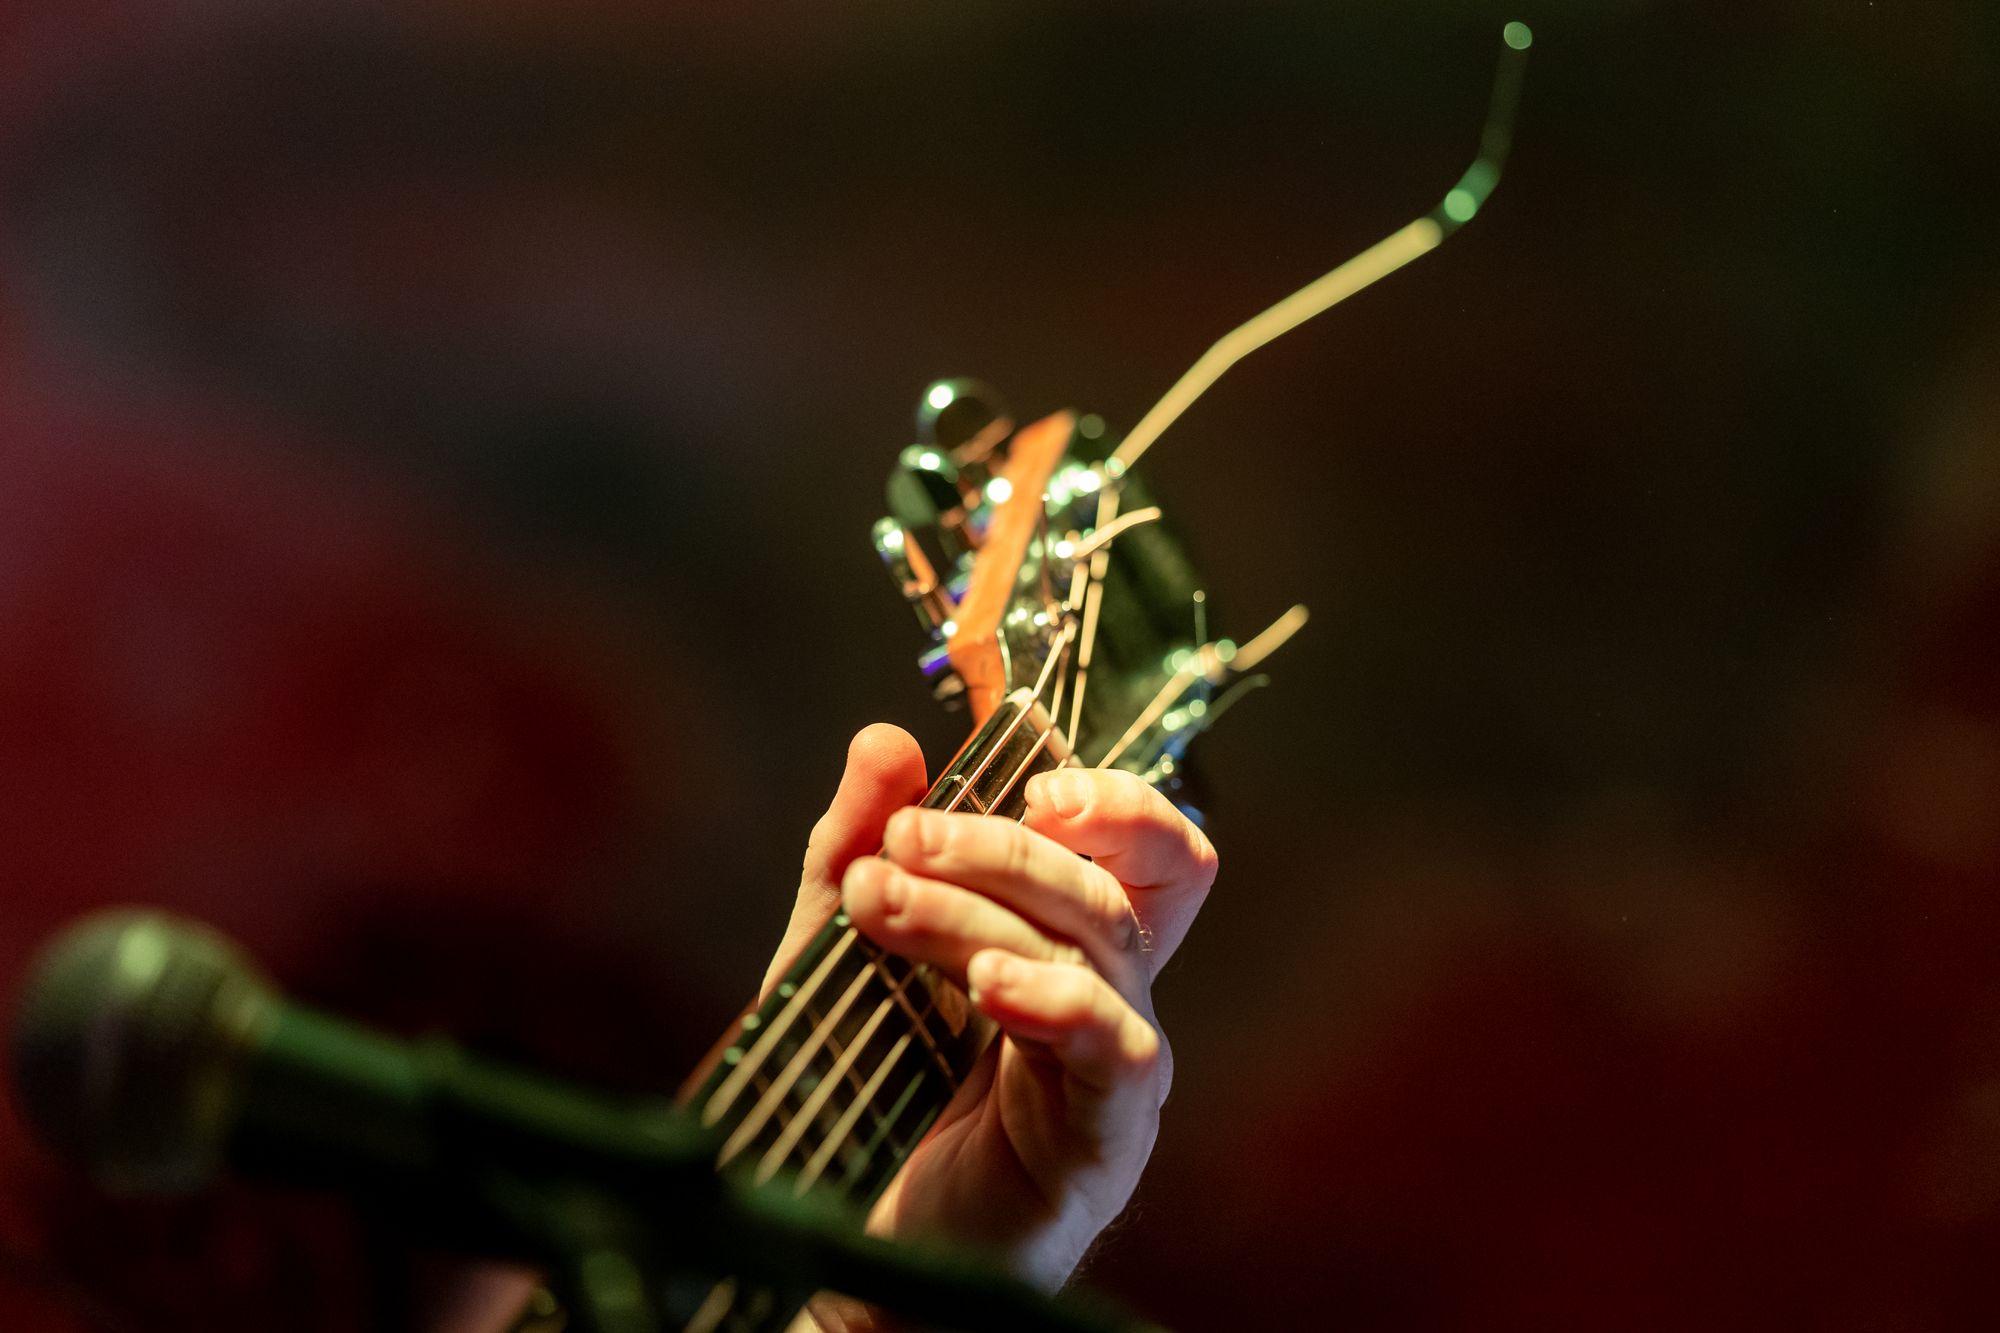 Gitarre von Wulli Wullschläger im Soulhalm in Erlangen am 12. März 2020